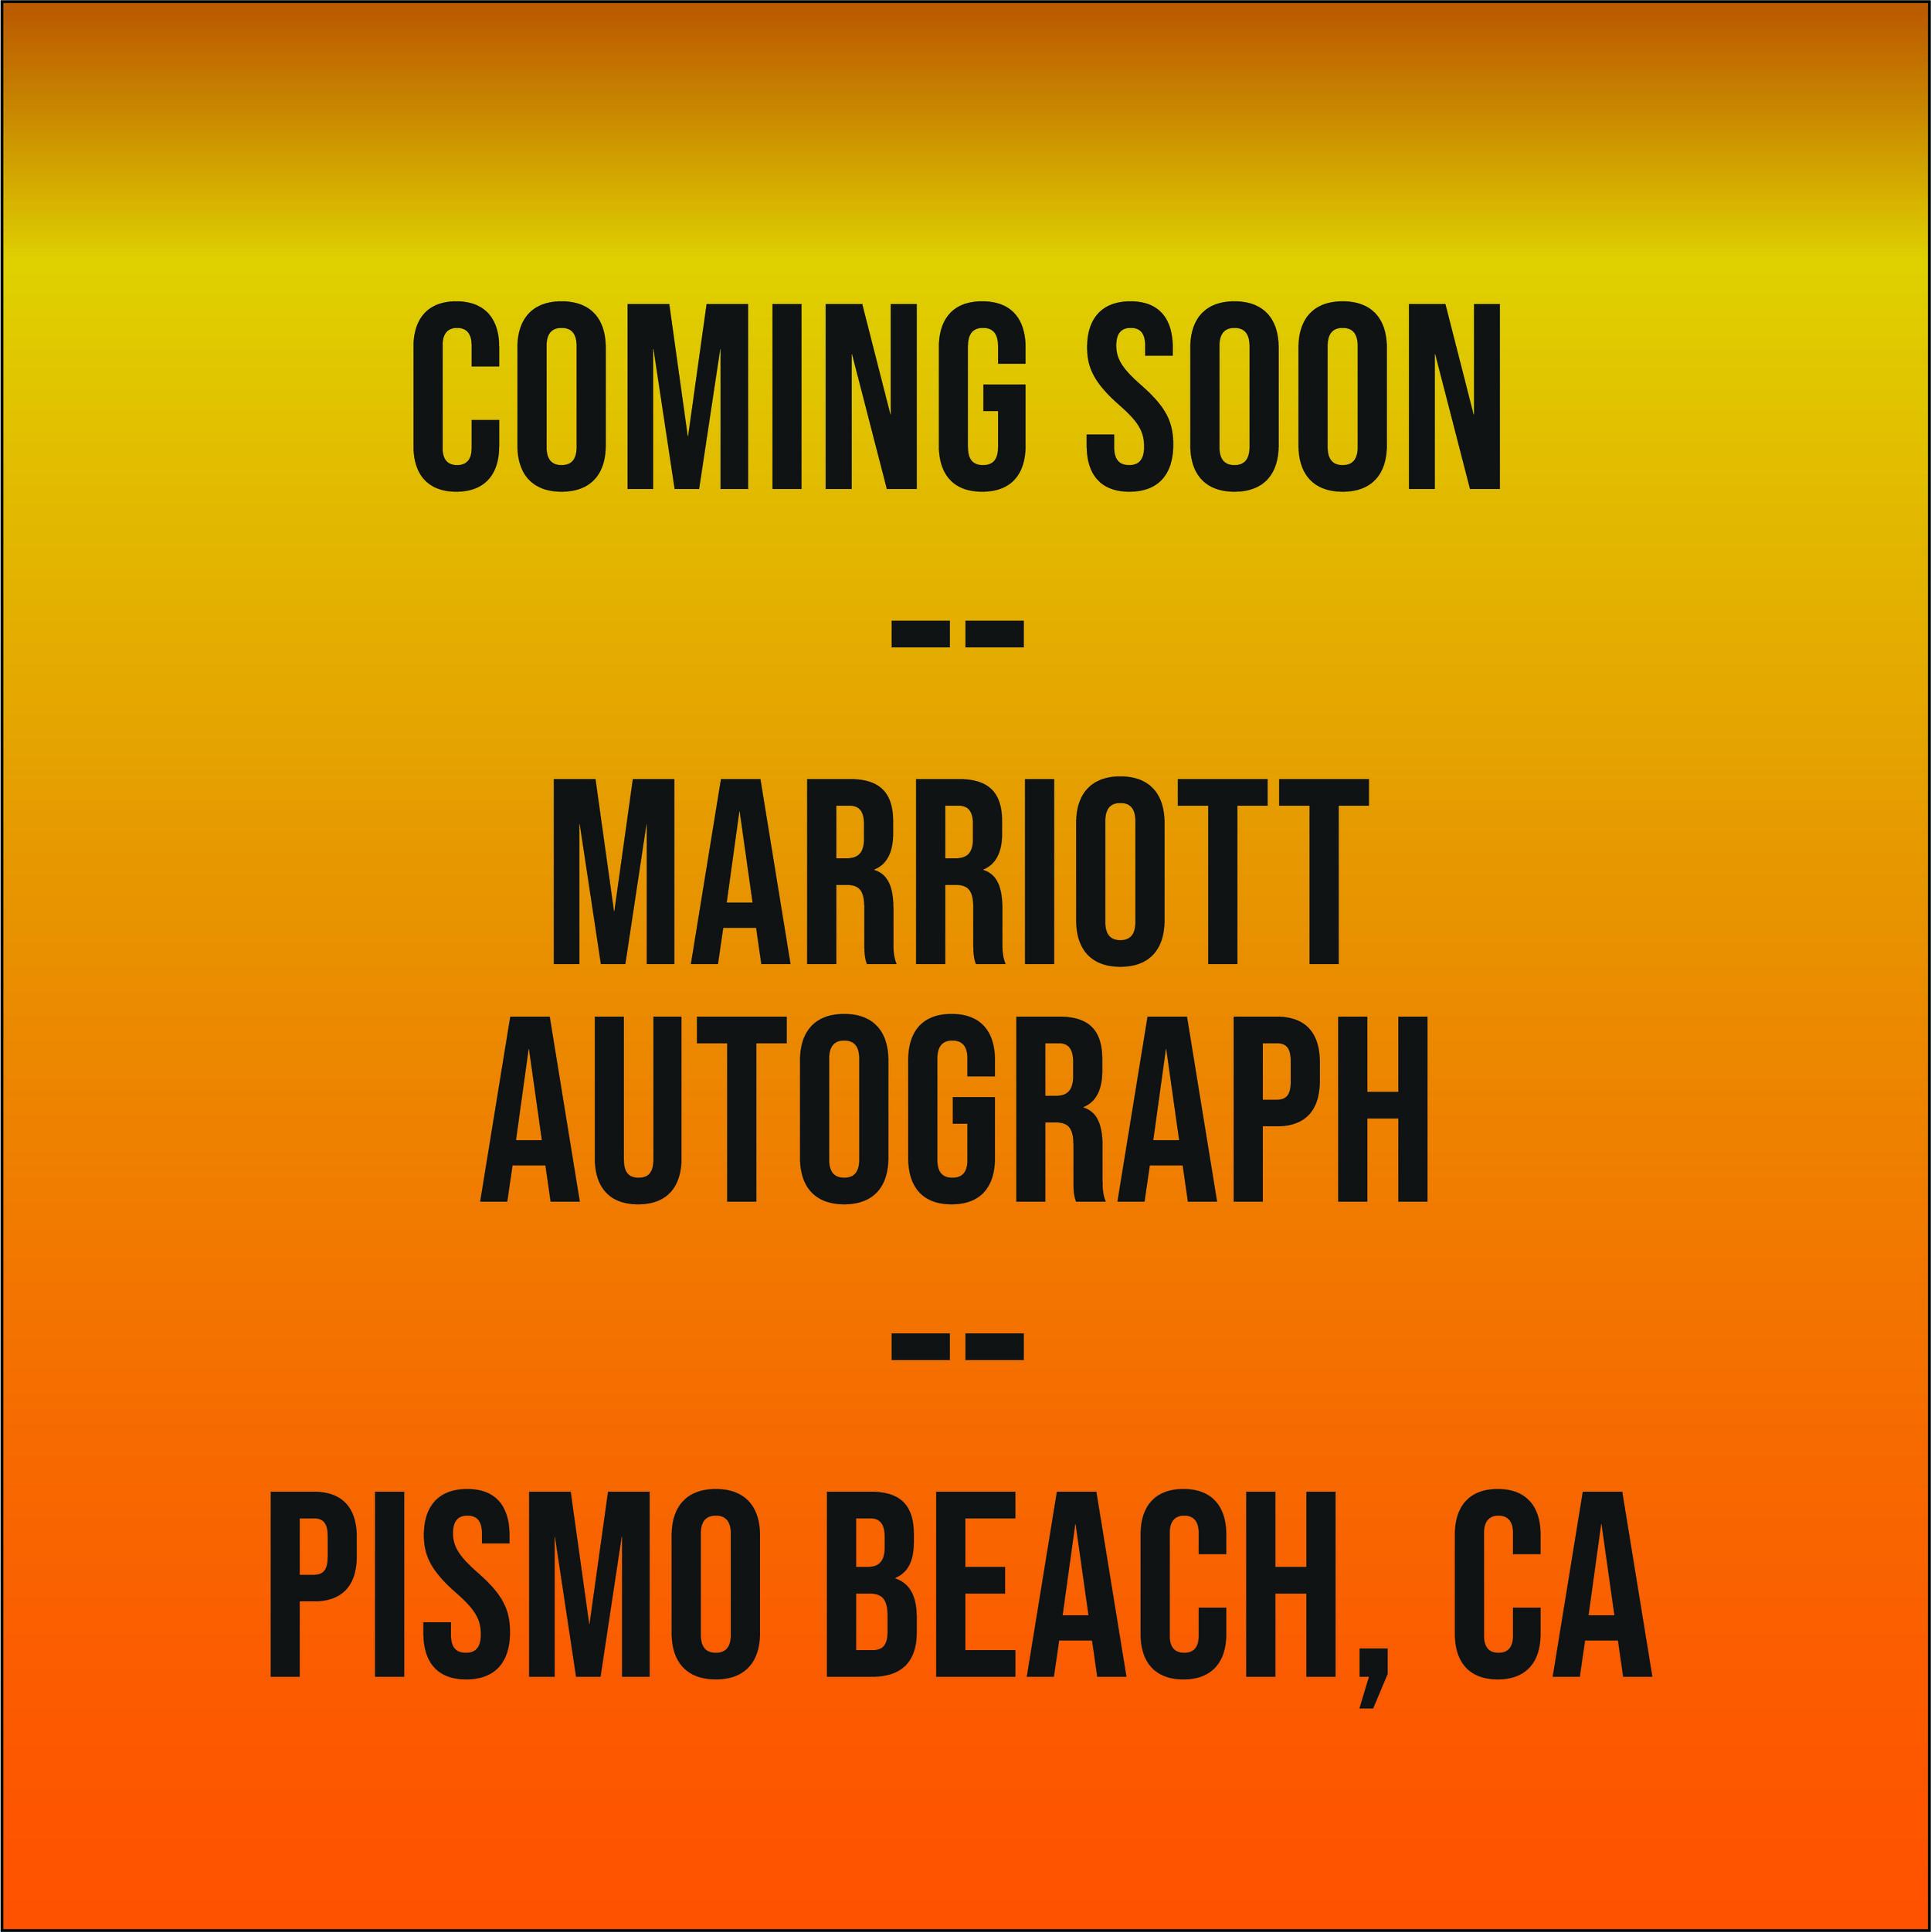 Marriott Autograph.jpg